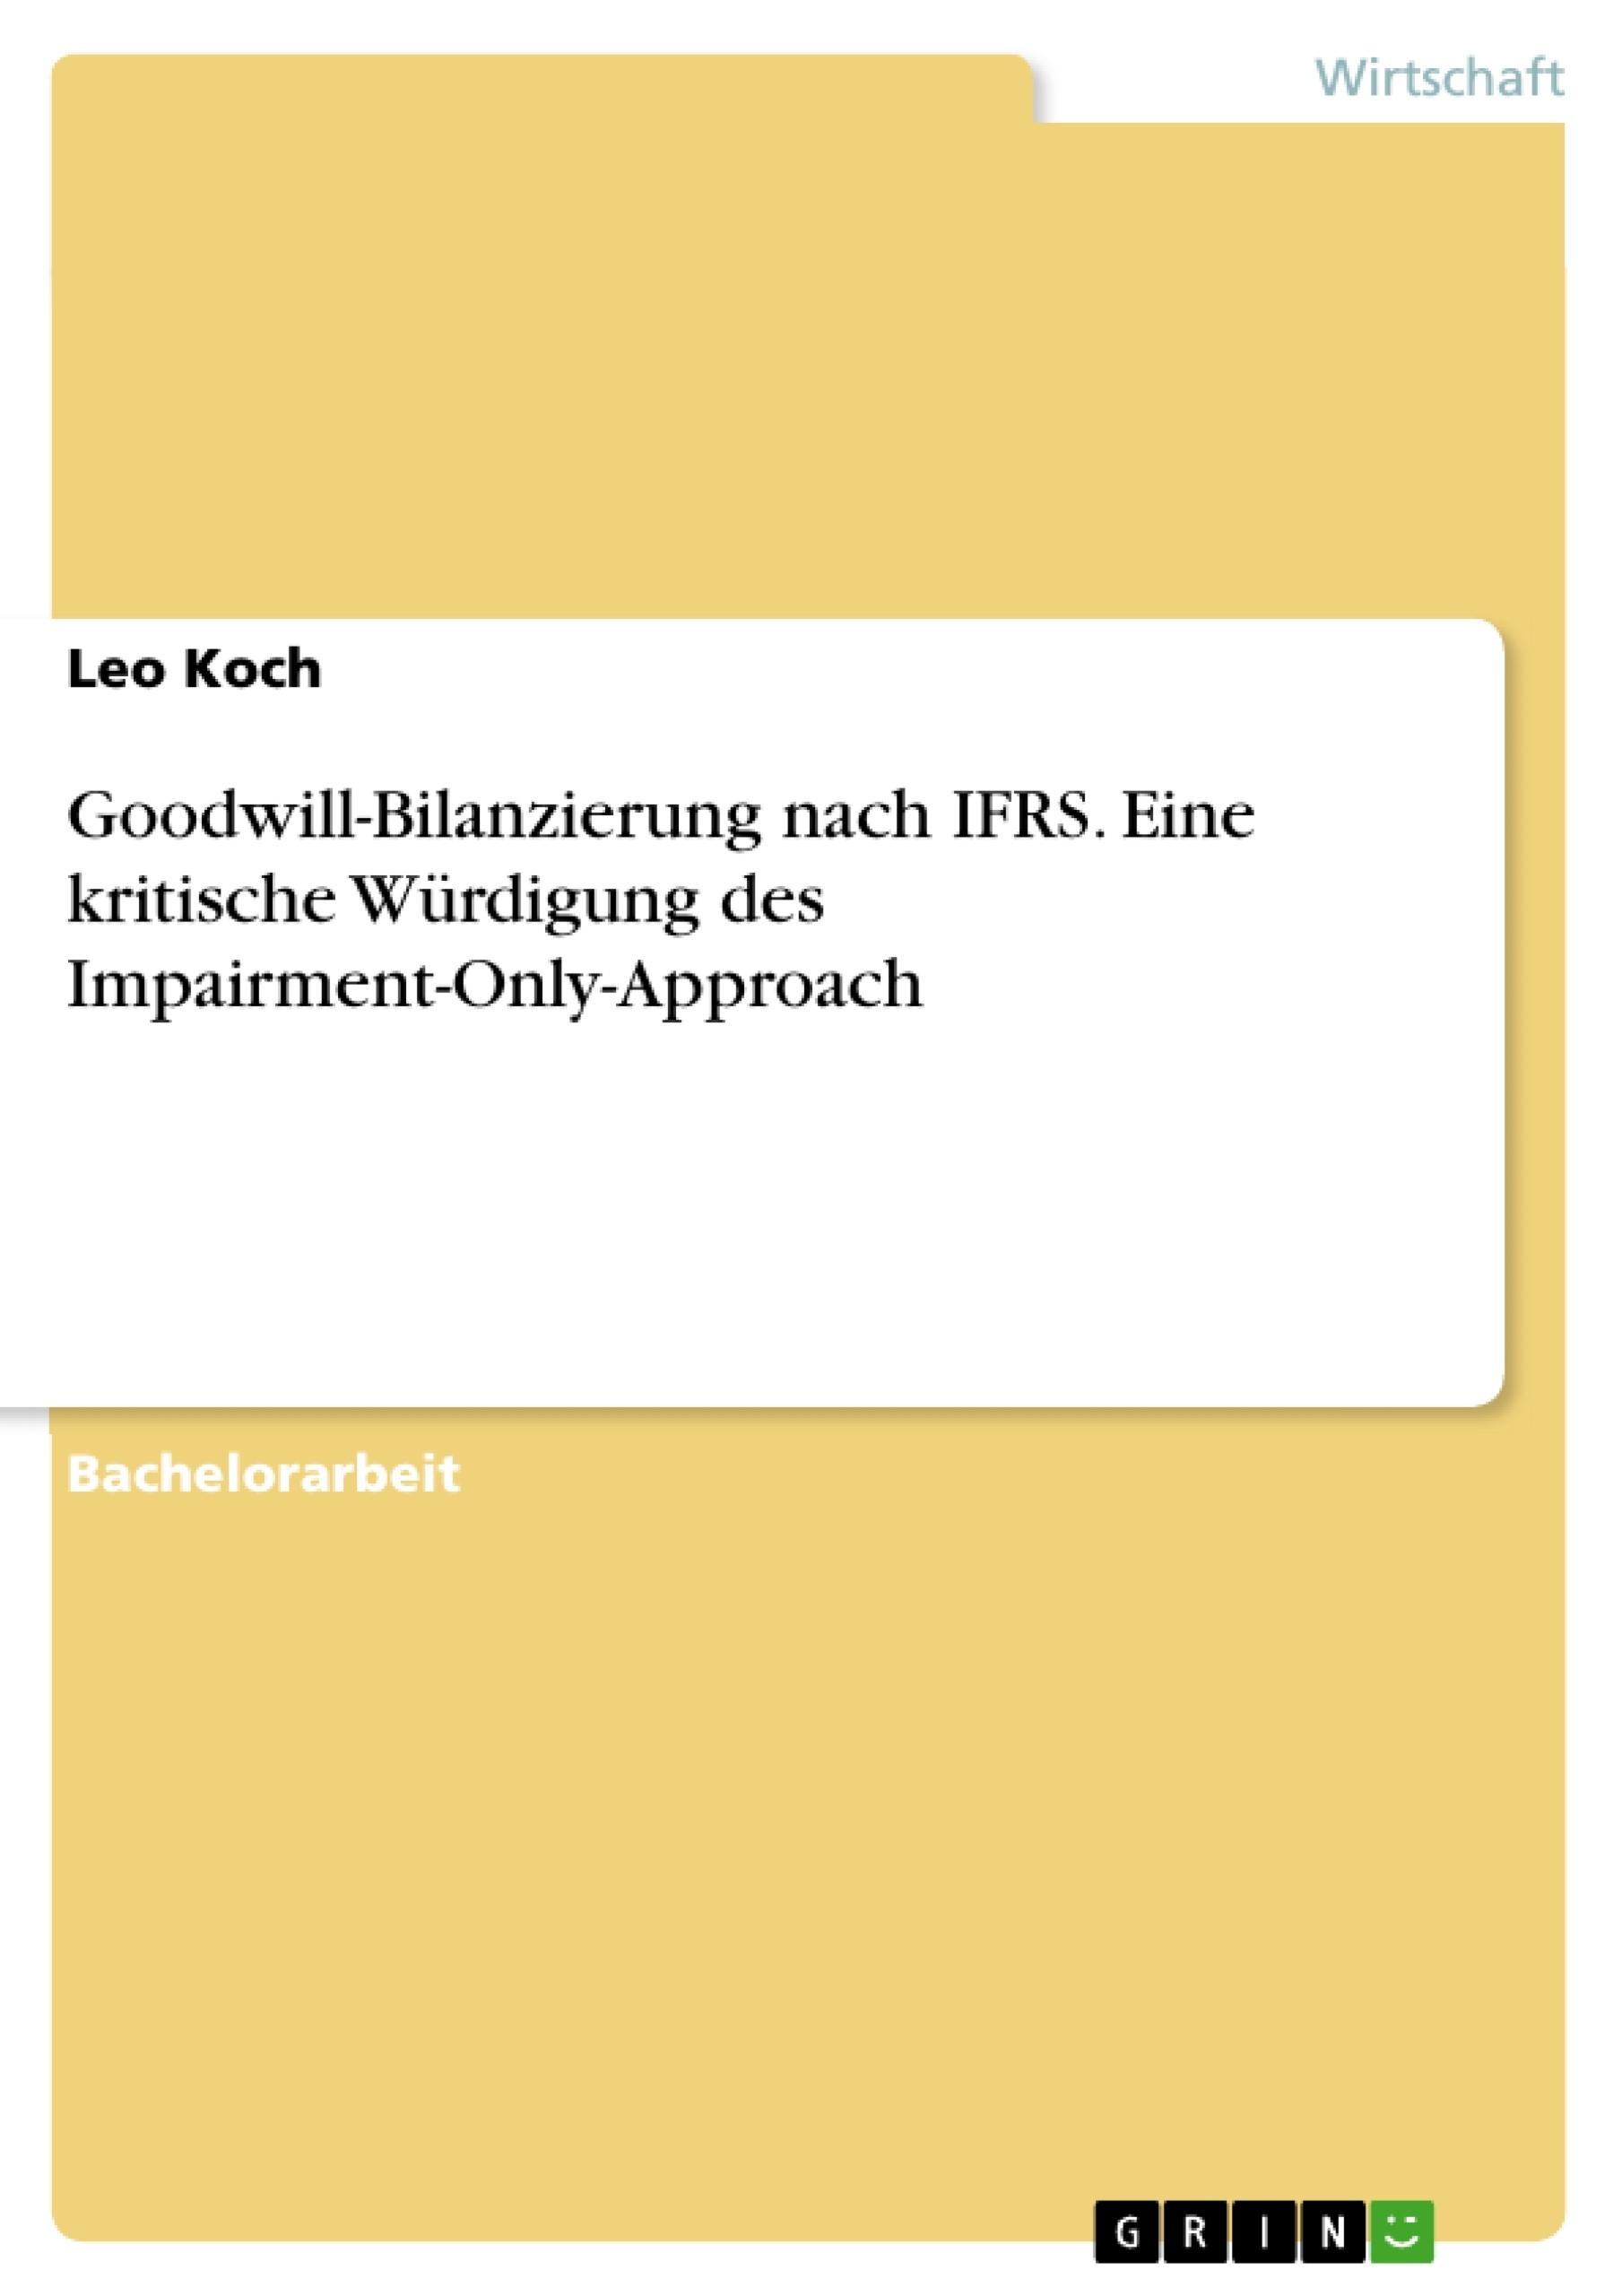 Titel: Goodwill-Bilanzierung nach IFRS. Eine kritische Würdigung des Impairment-Only-Approach